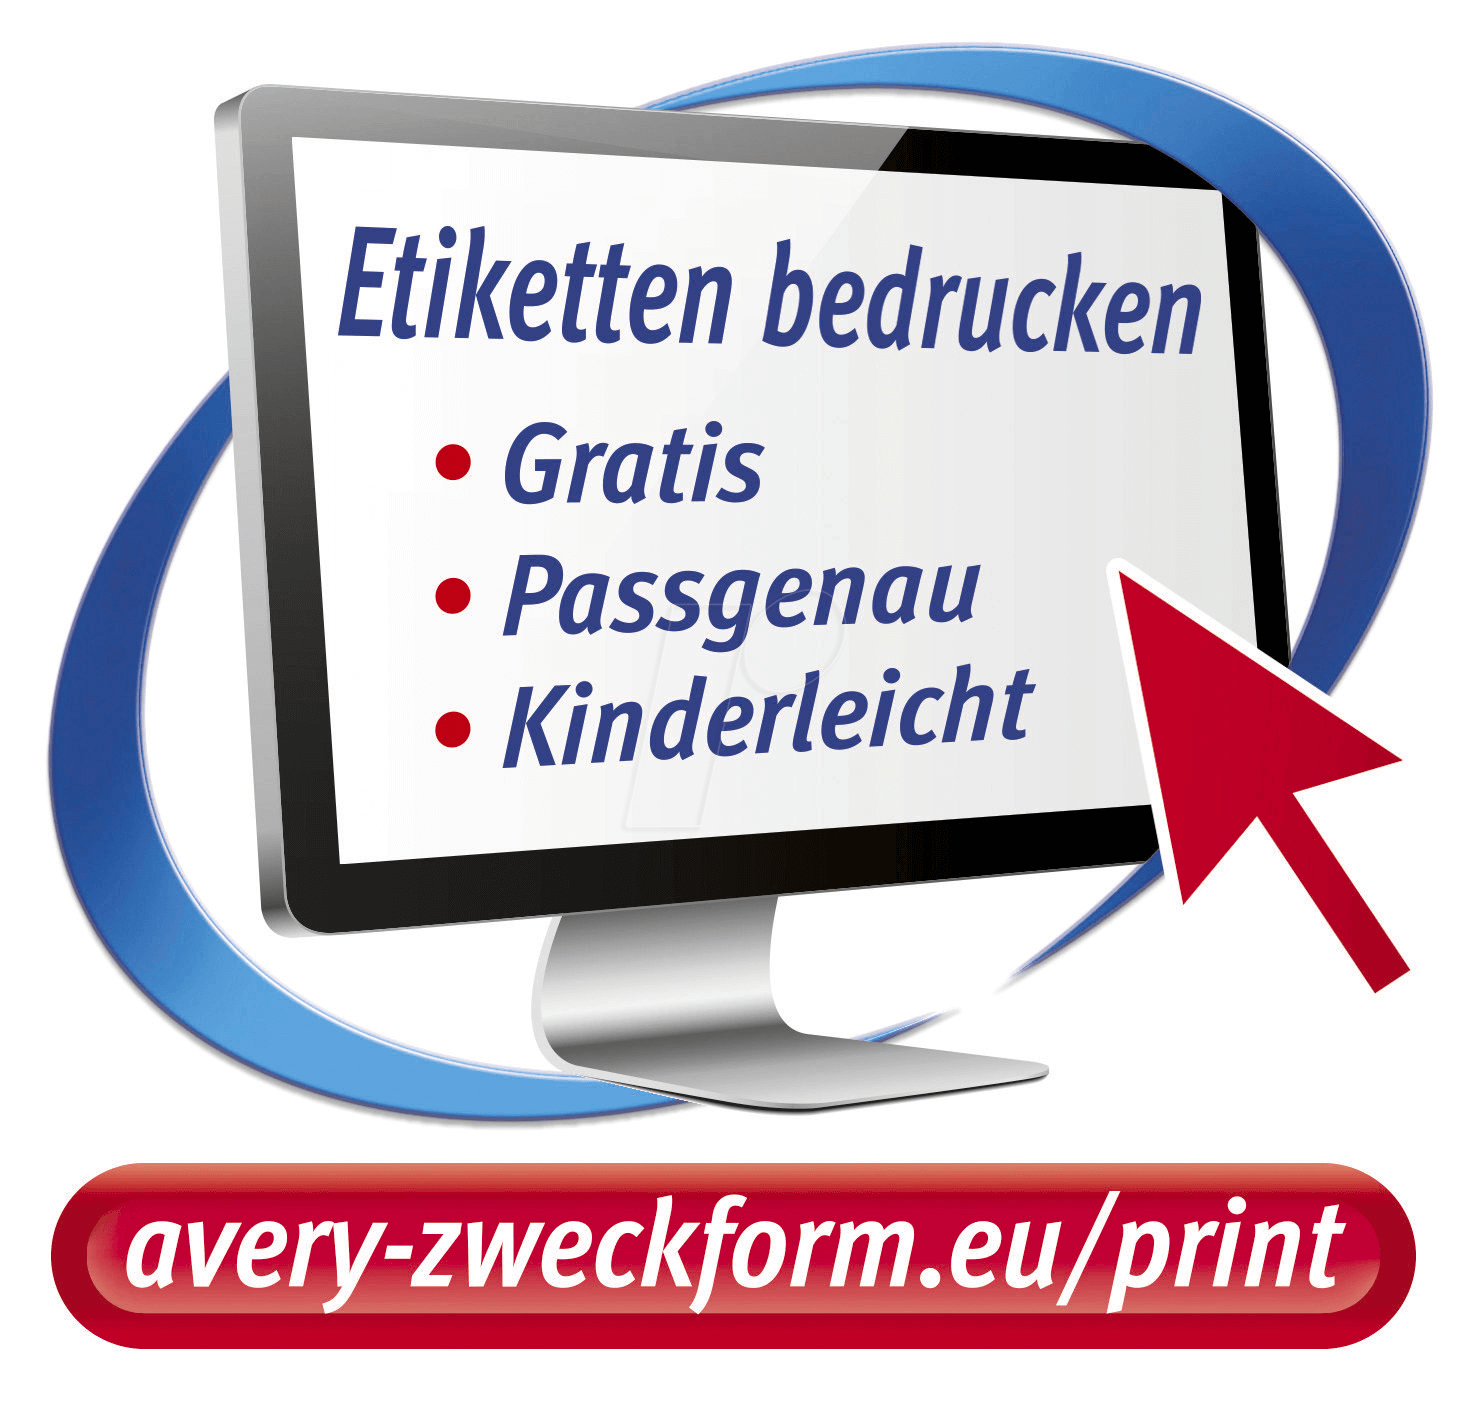 https://cdn-reichelt.de/bilder/web/xxl_ws/E460/AVZ_L4778REV-8_09.png